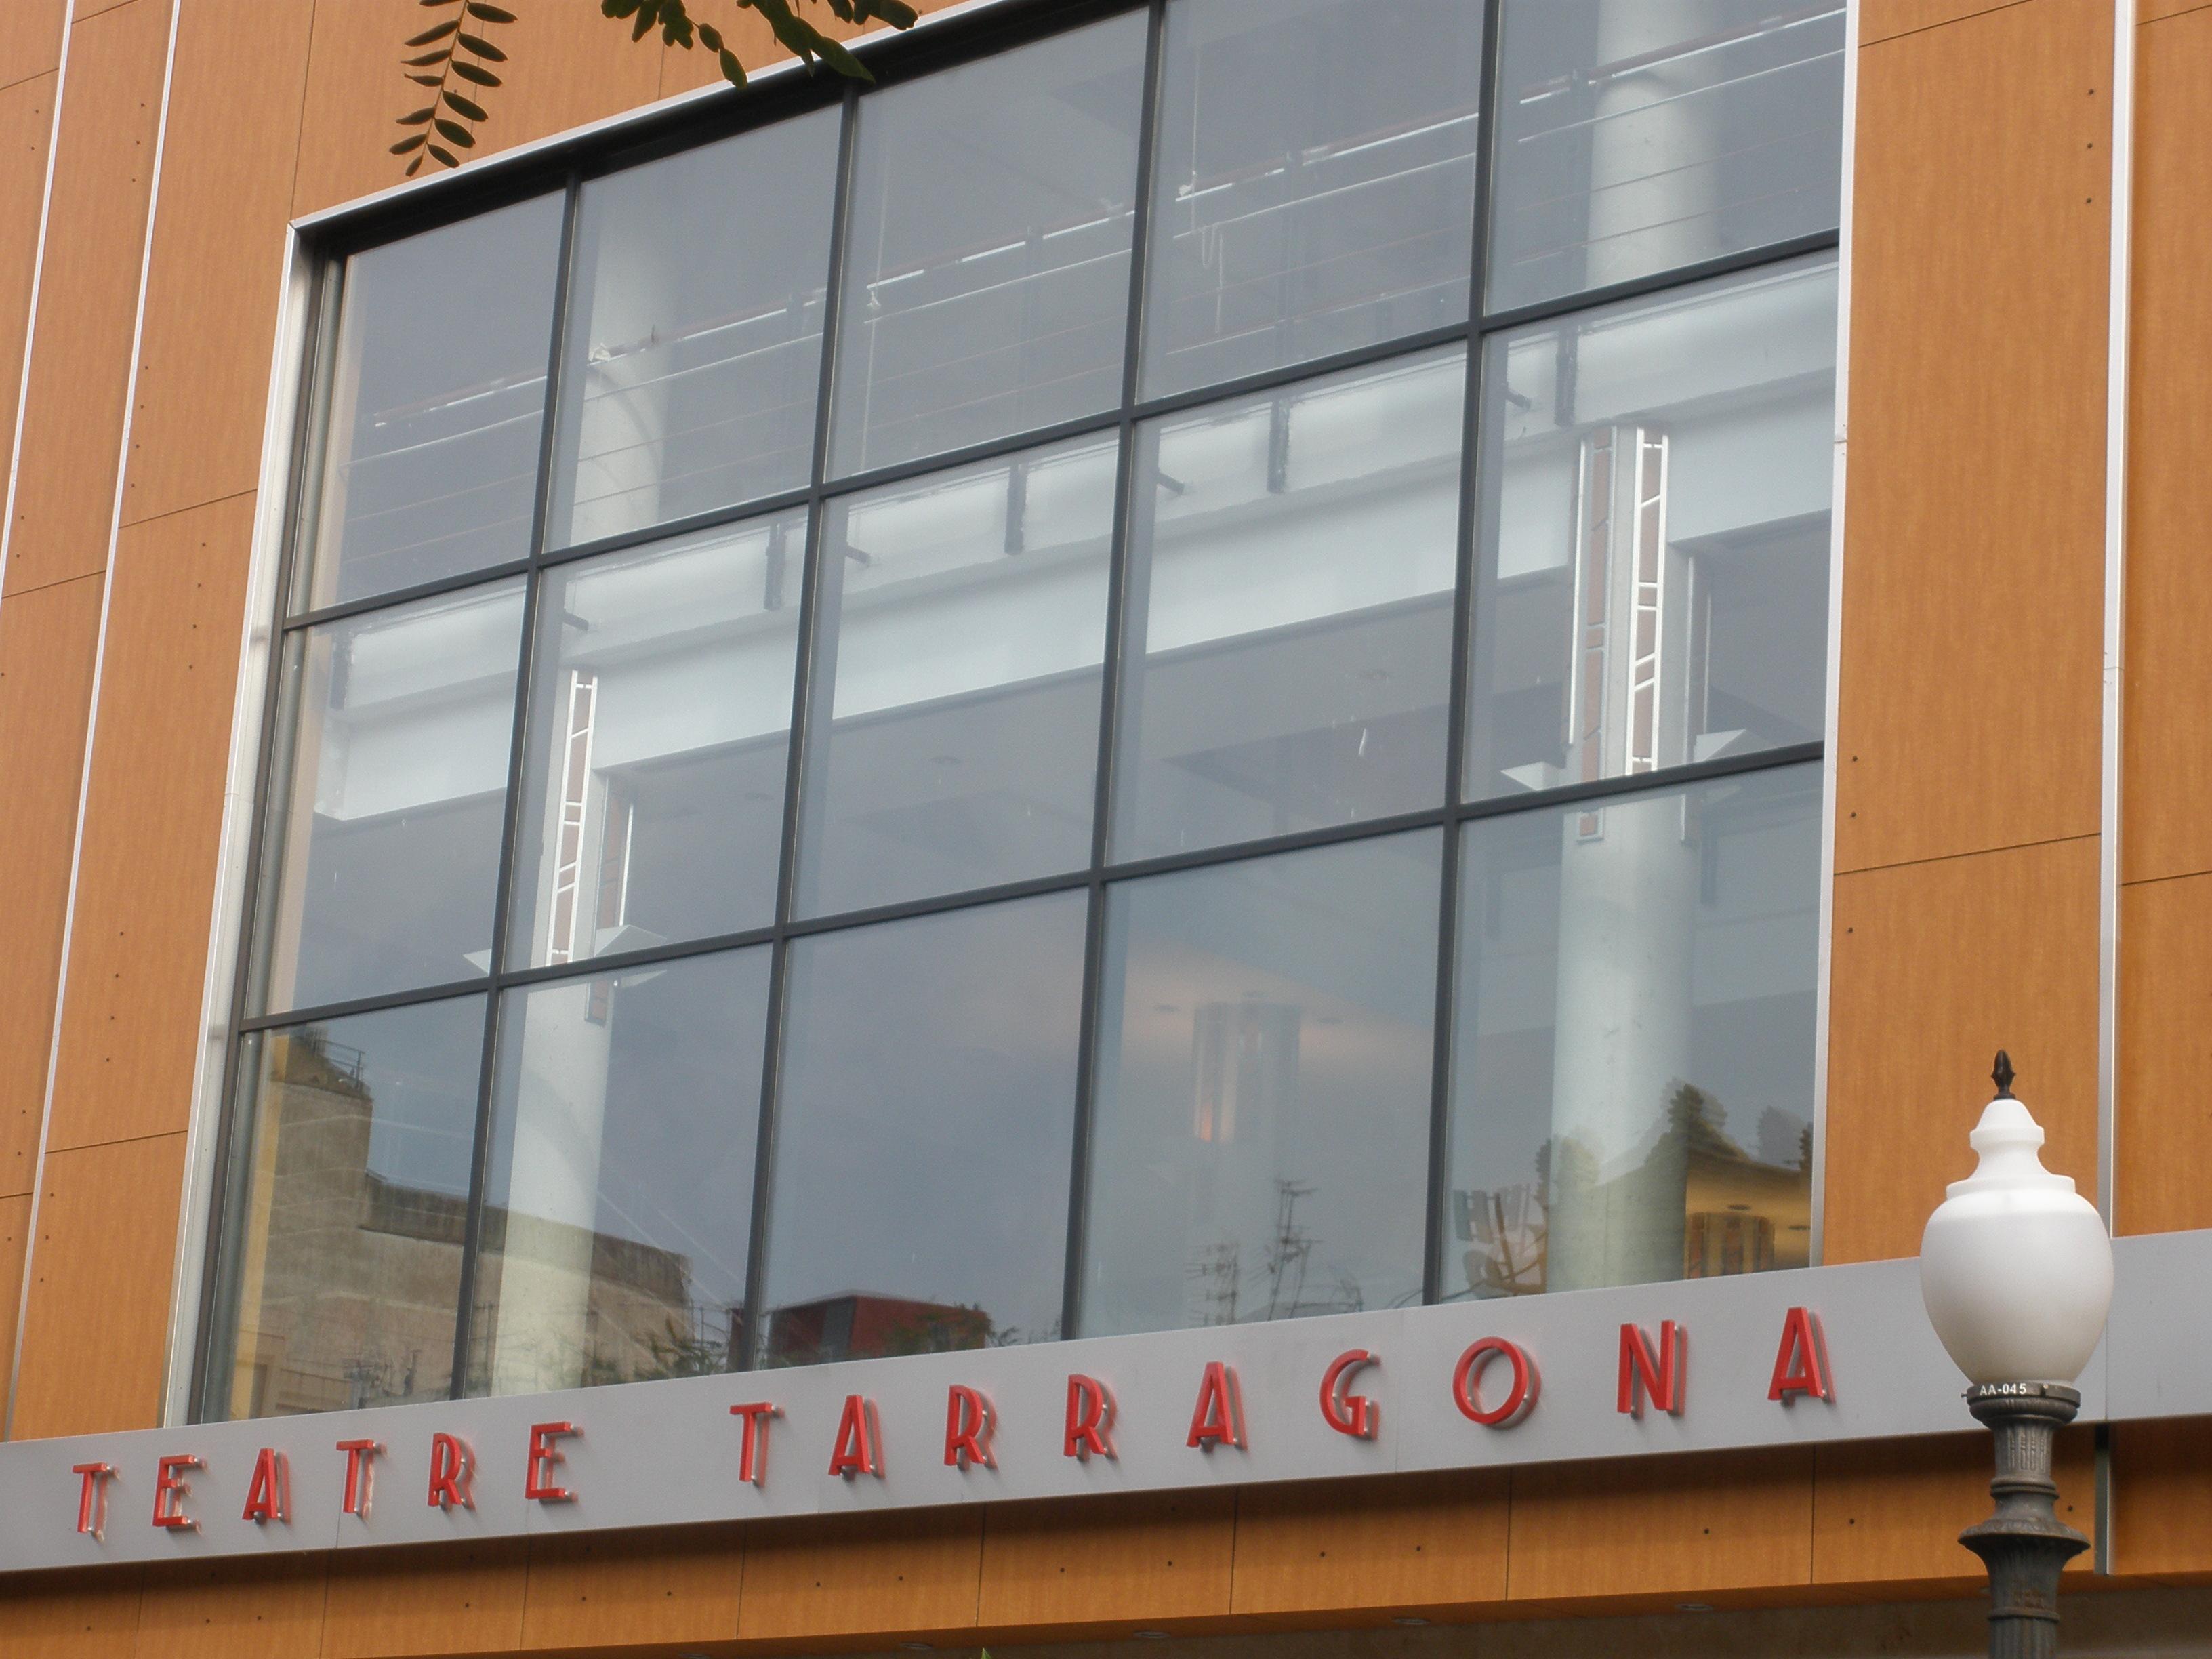 El Teatre Tarragona, inaugurat l'11 de desembre, acollirà la primera representació de la temporada el dijous 7 de març